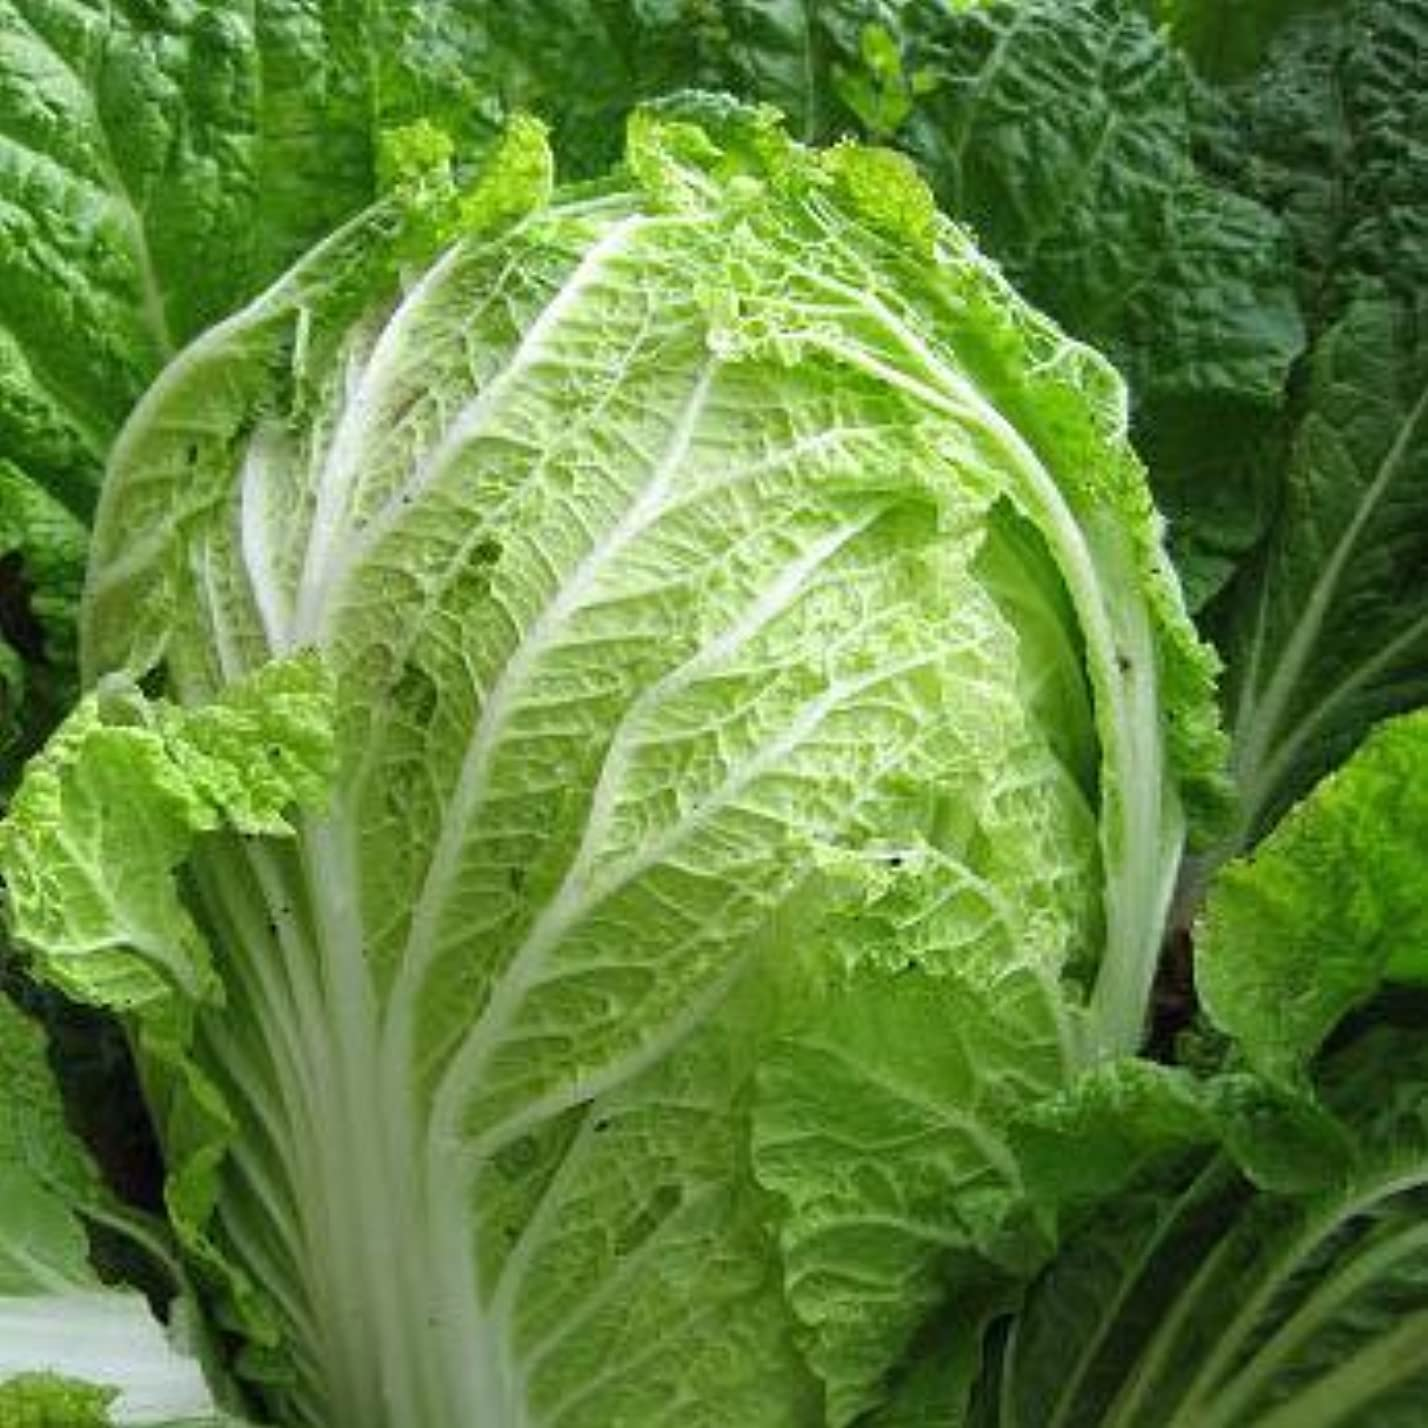 反映する耳サリーあいあい 熊本県産 白菜 1本 【野菜セット同梱で】【九州 野菜】